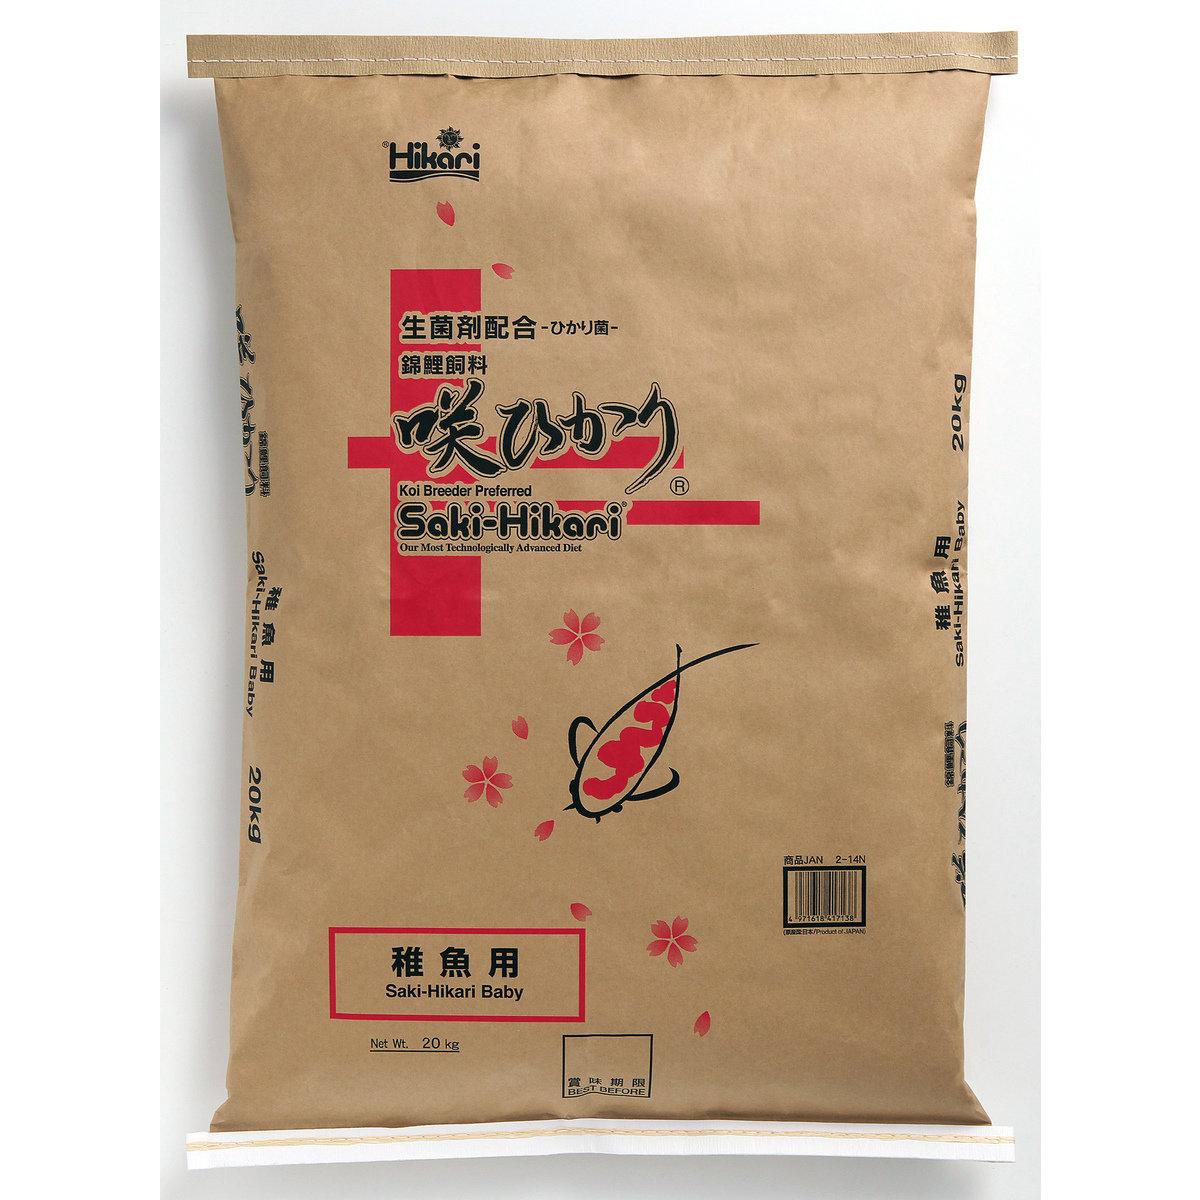 【お取寄せ品】キョーリン 咲ひかり 稚魚用 SSS 鯉用 20kg【成長】【消化】【送料無料】